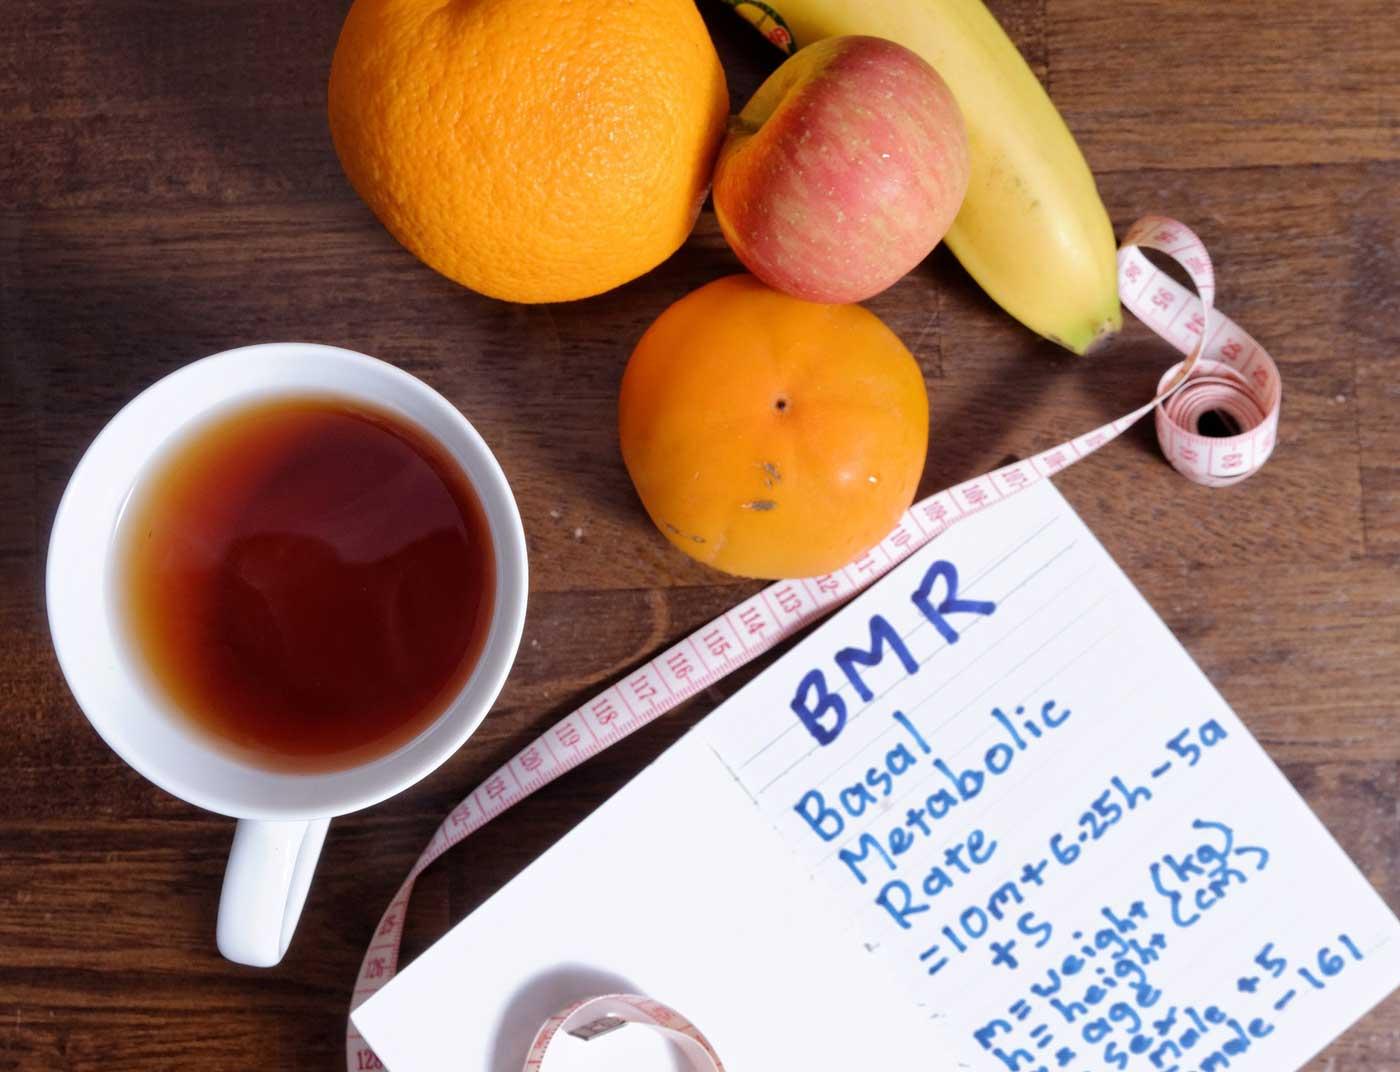 Bmr metabolismo basale